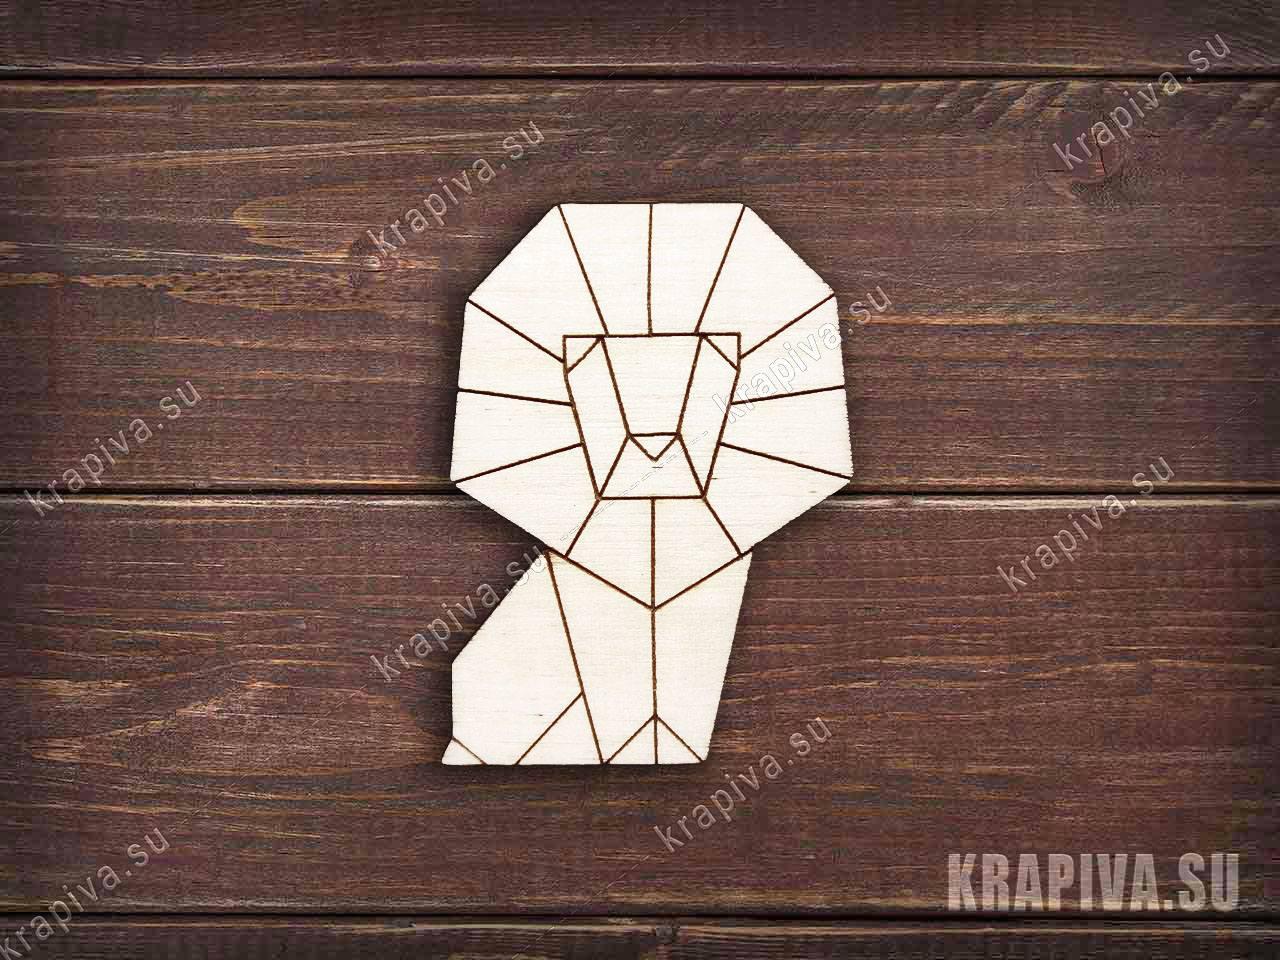 Геометрический лев №2 заготовка деревянного значка (krapiva.su)